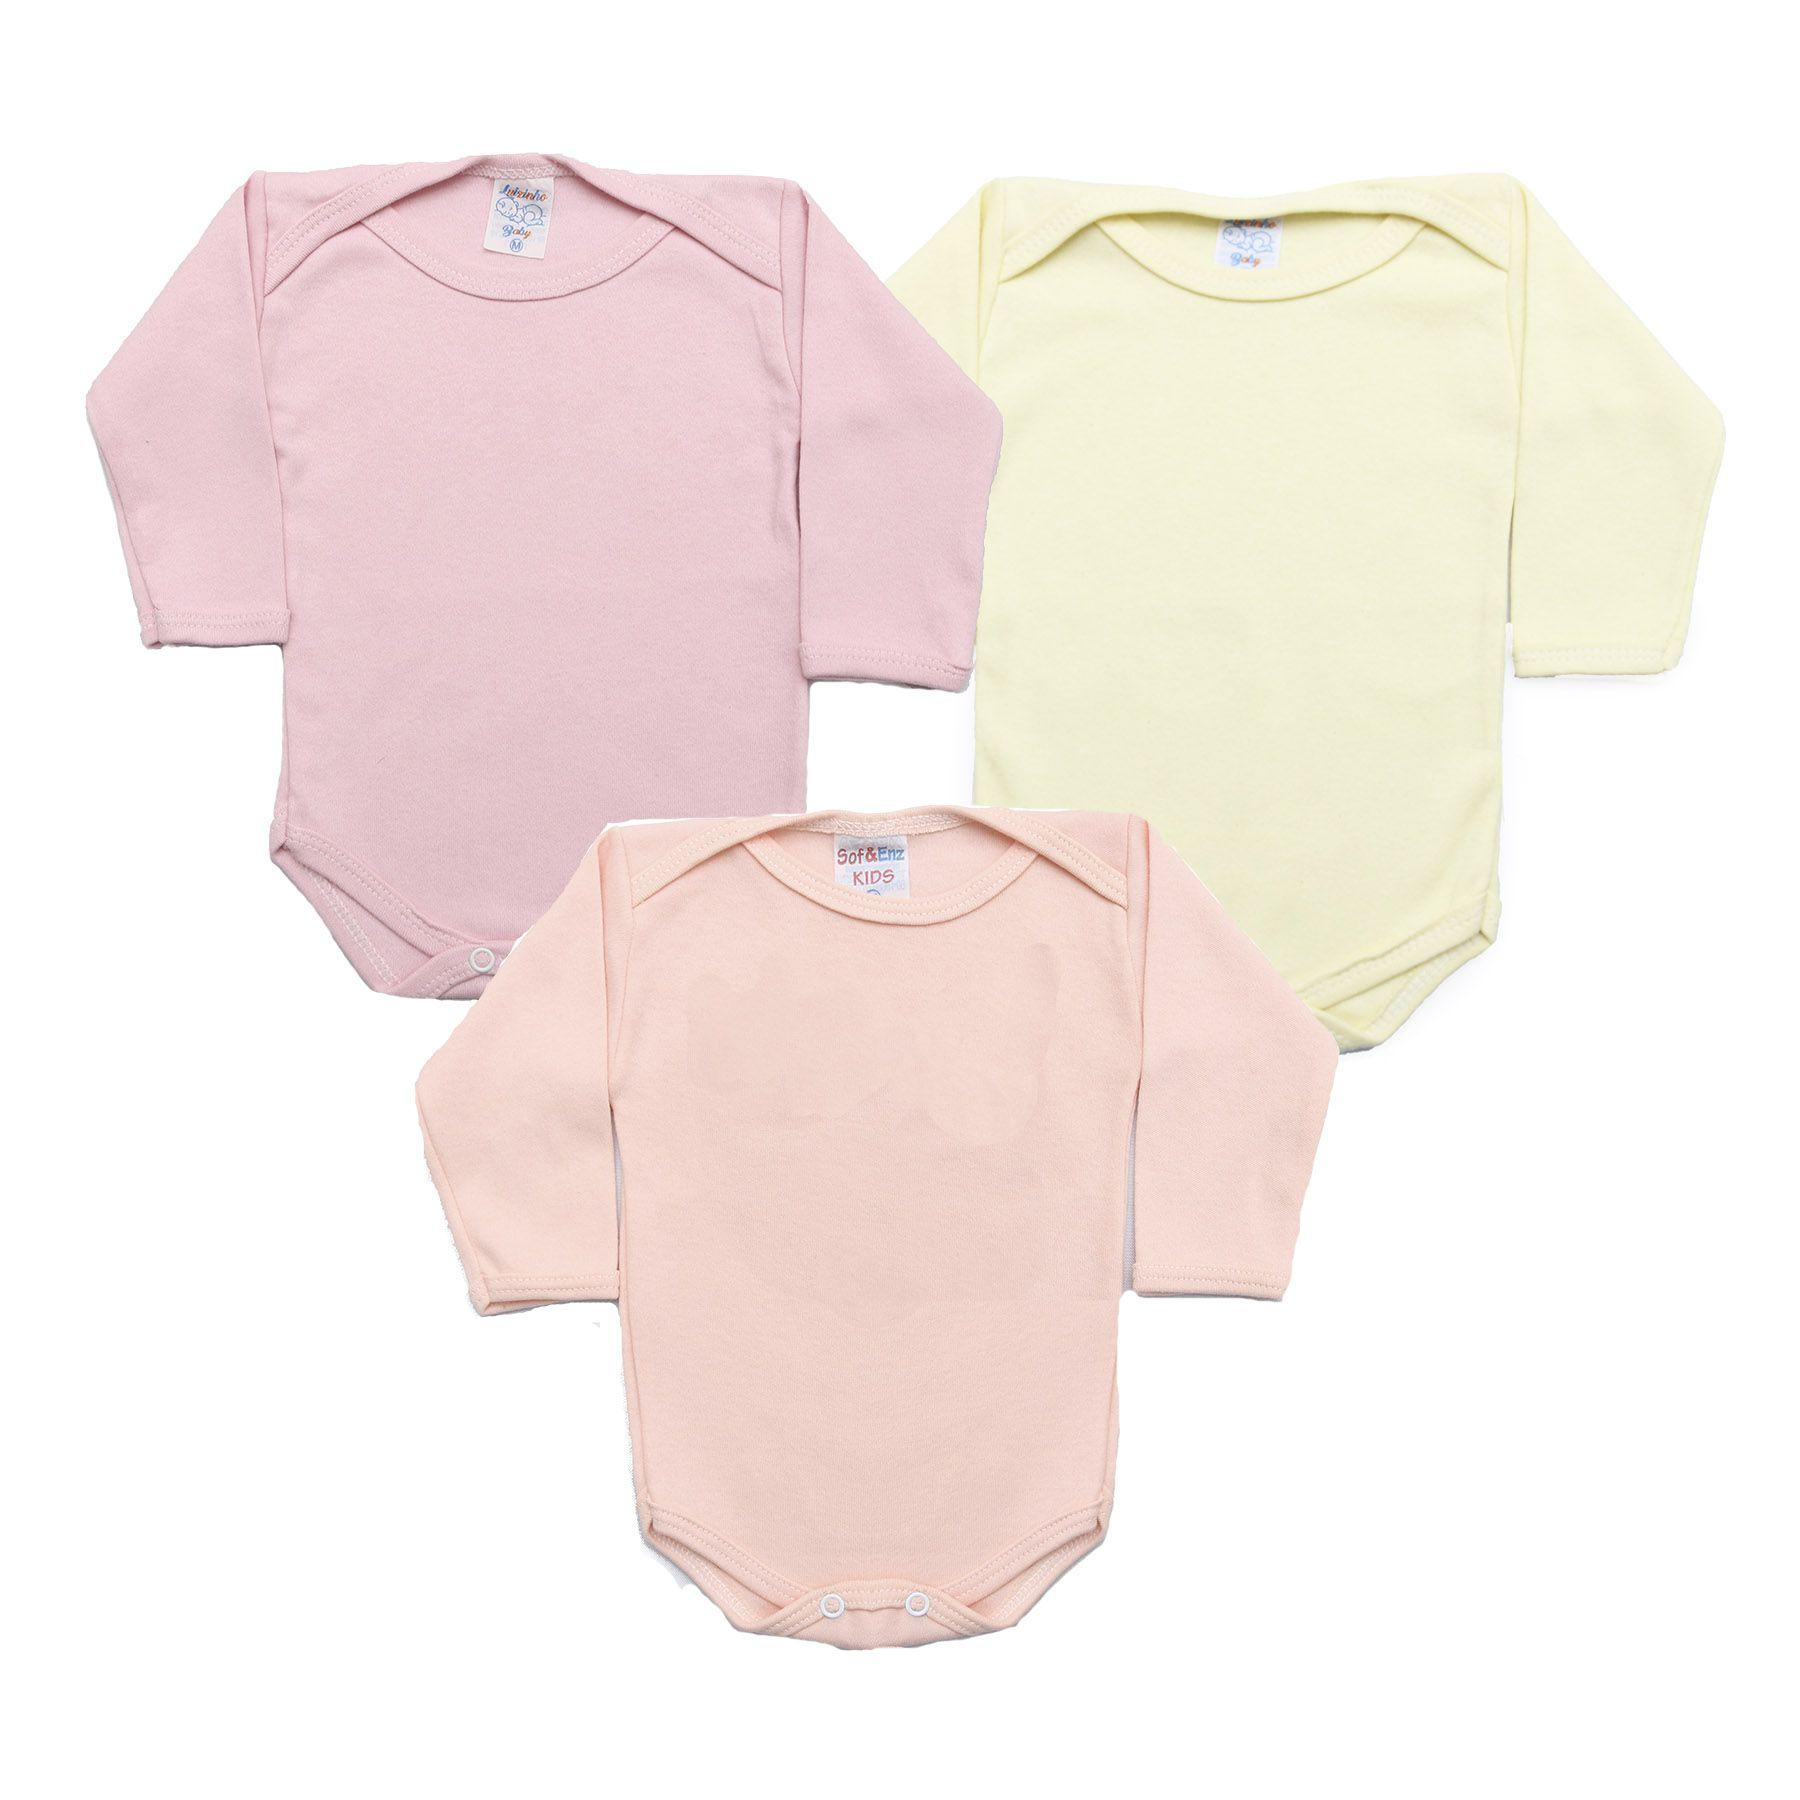 Kit Body Bebê com 3 Peças Menina Rosa, Rosê e Amarelo Claro